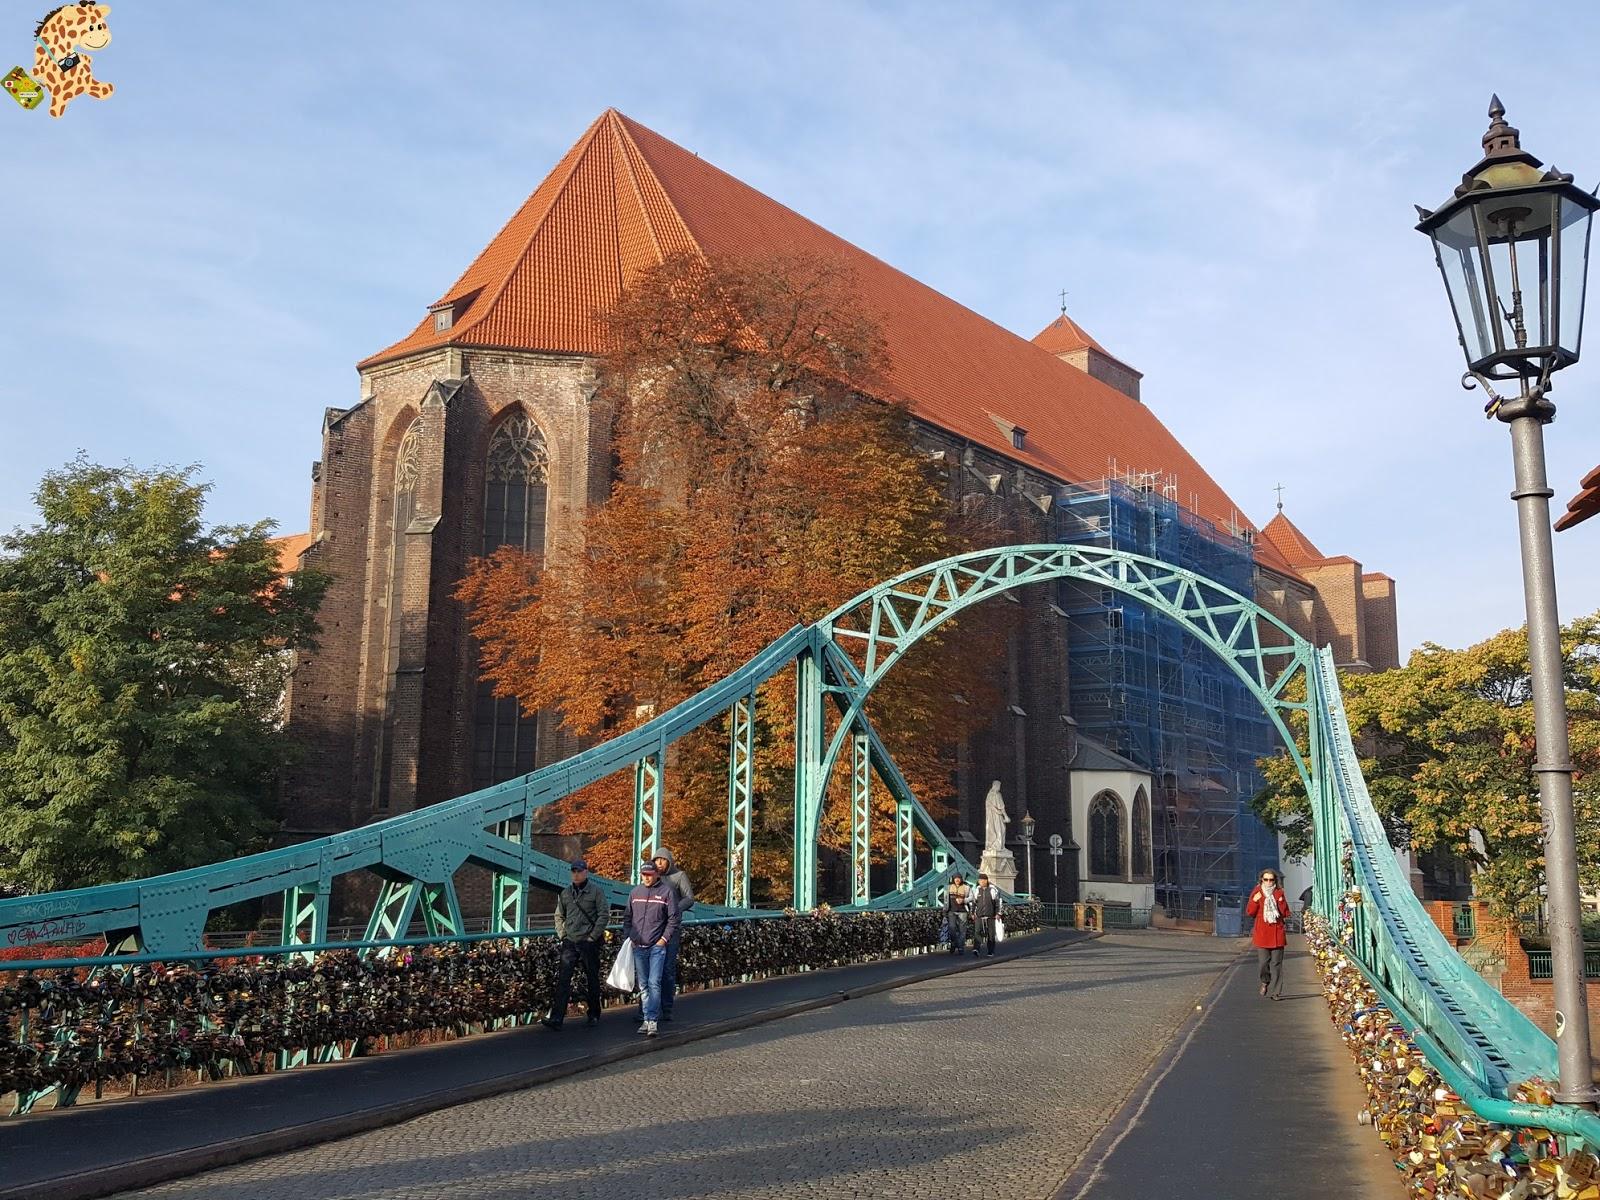 Breslavia o Wroclaw, la ciudad de los enanos